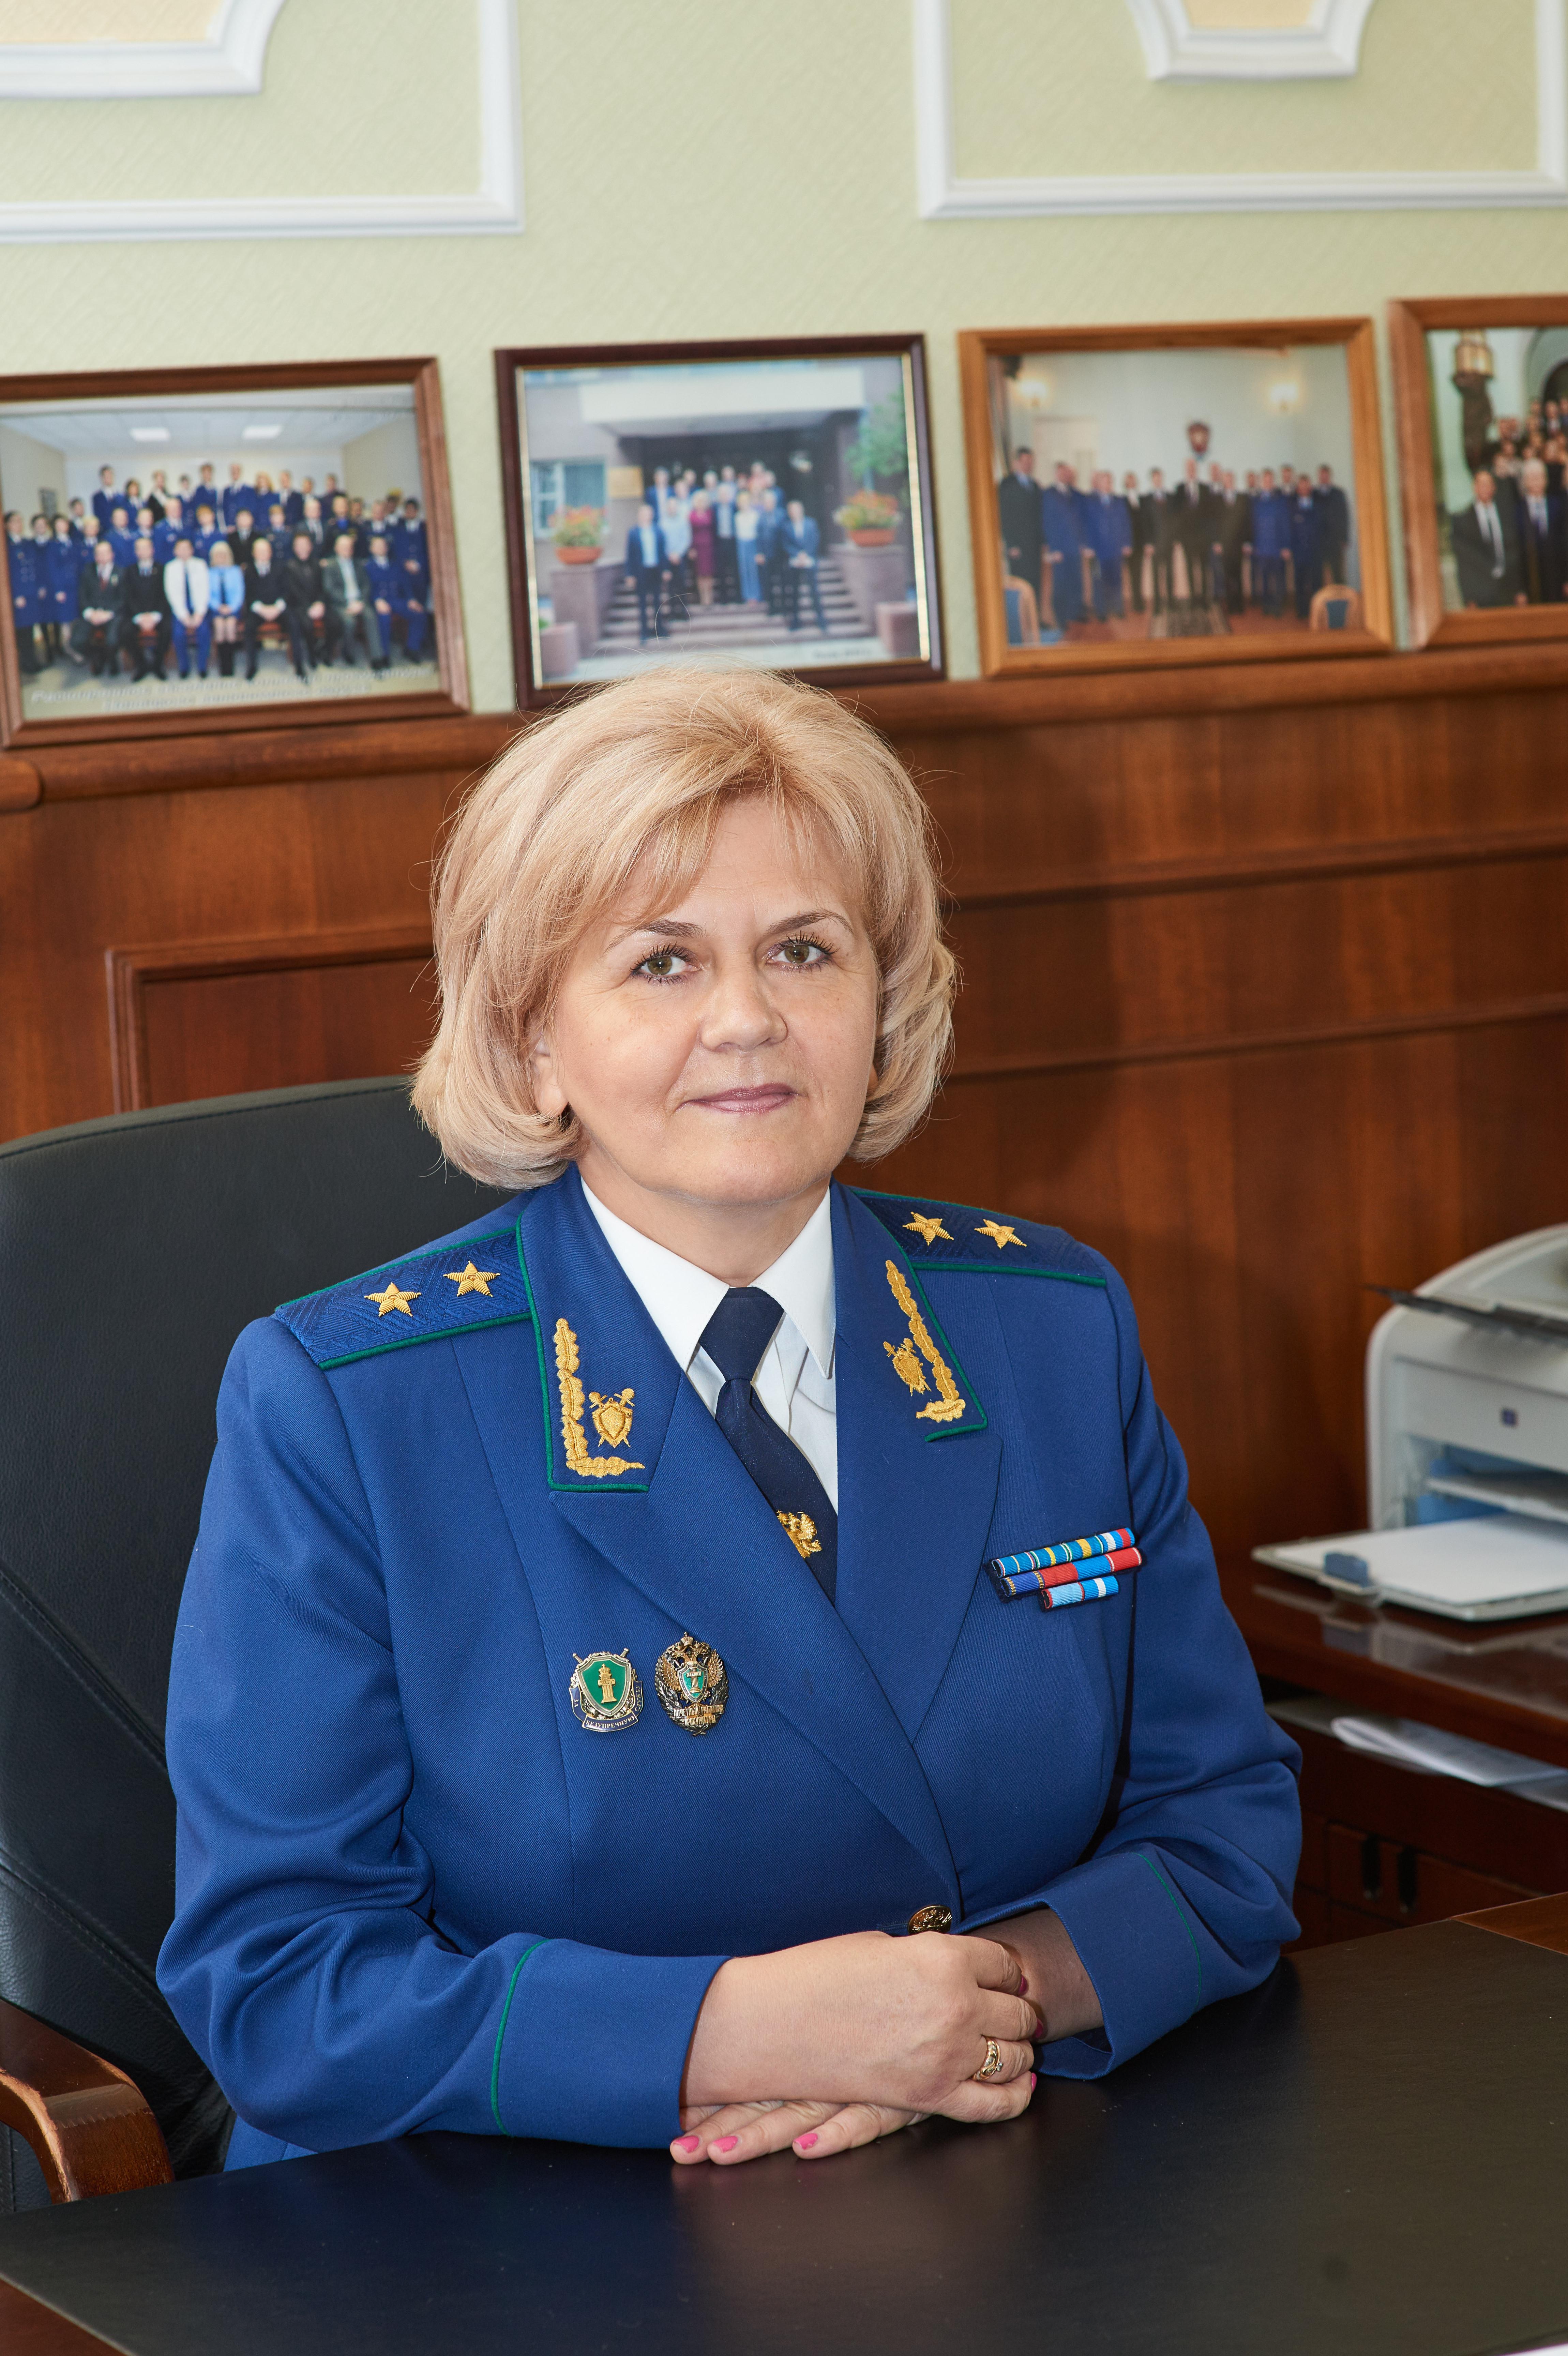 Начальник управления Генеральной прокуратуры Российской Федерации в Северо-Западном федеральном округе